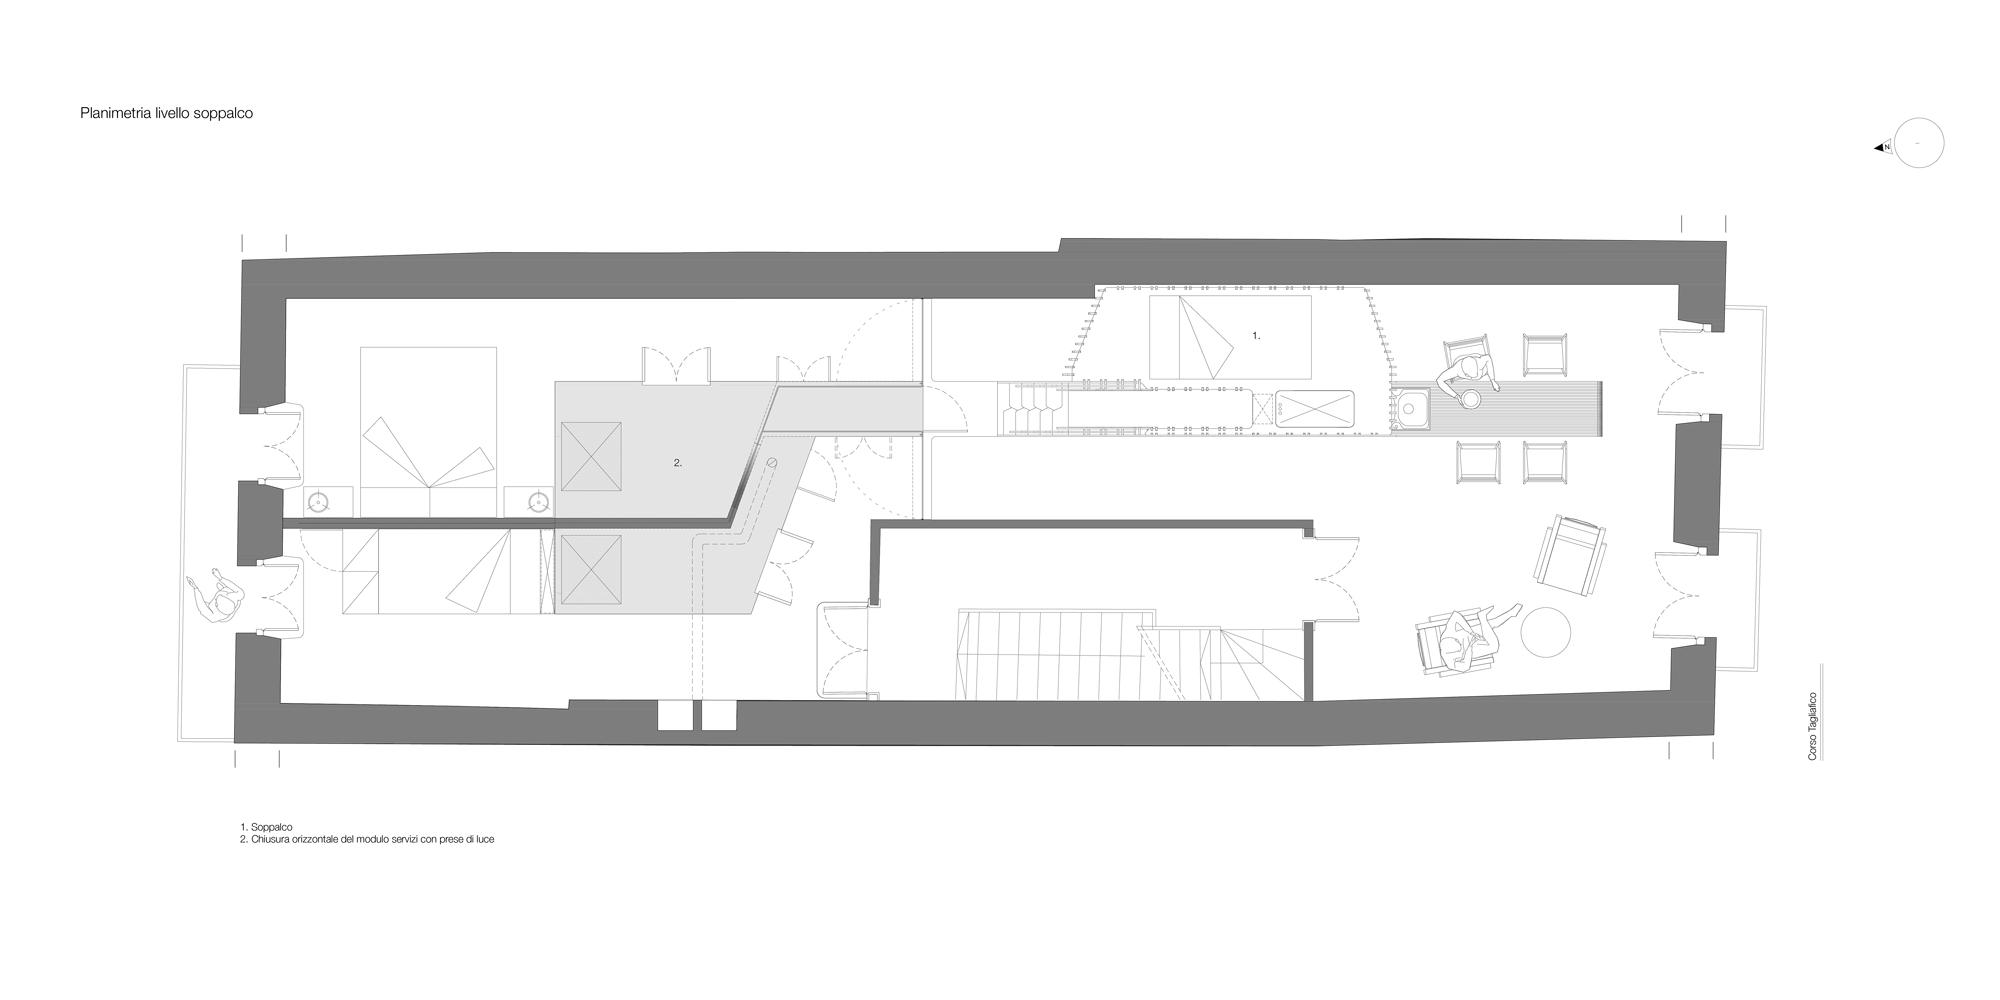 Planimetria Livello Soppalco. Il soppalco ospita un posto letto da una piazza e mezzo. }